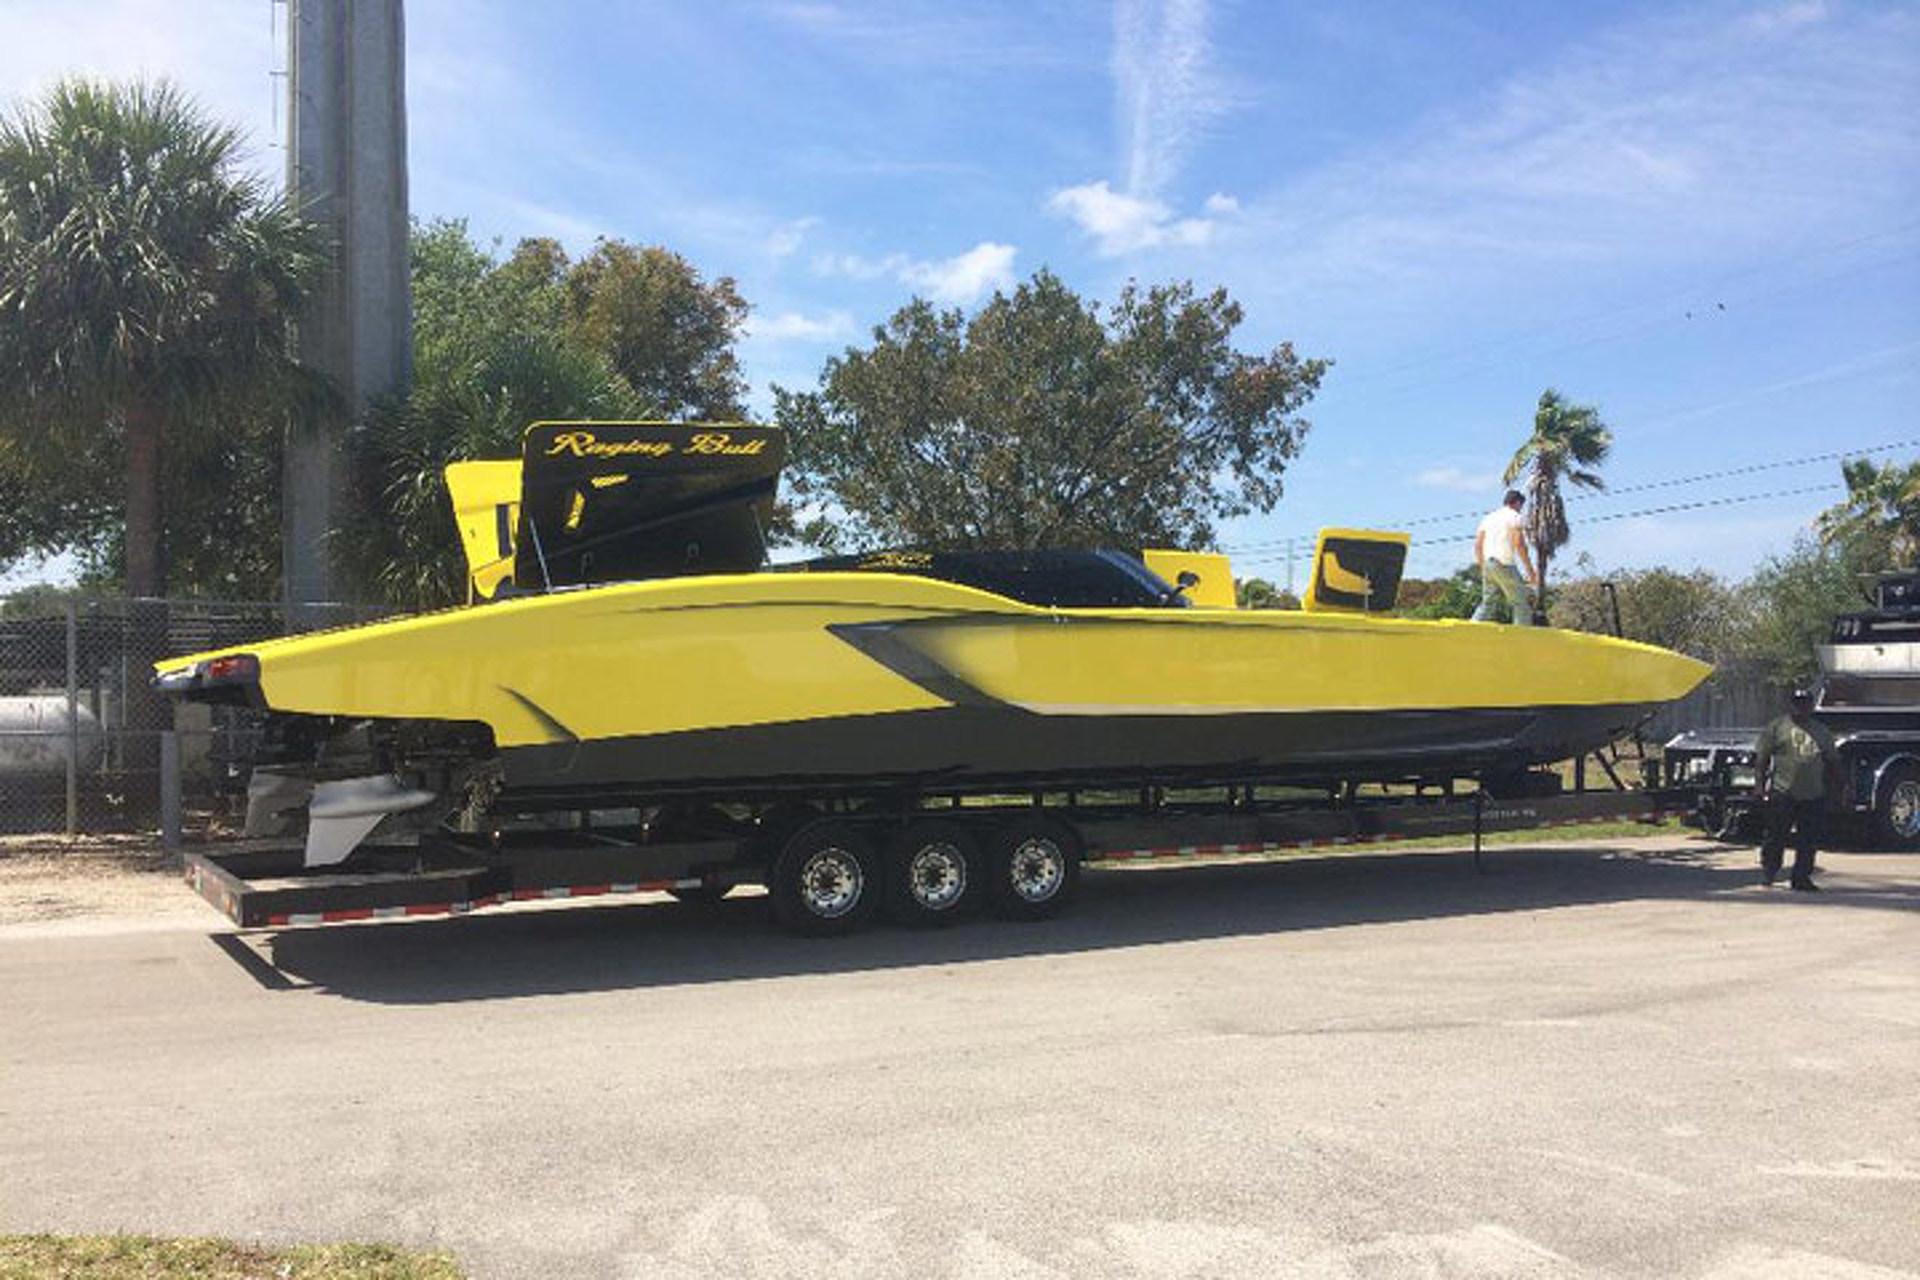 If Lamborghini Made Boats... Well You Get The Idea